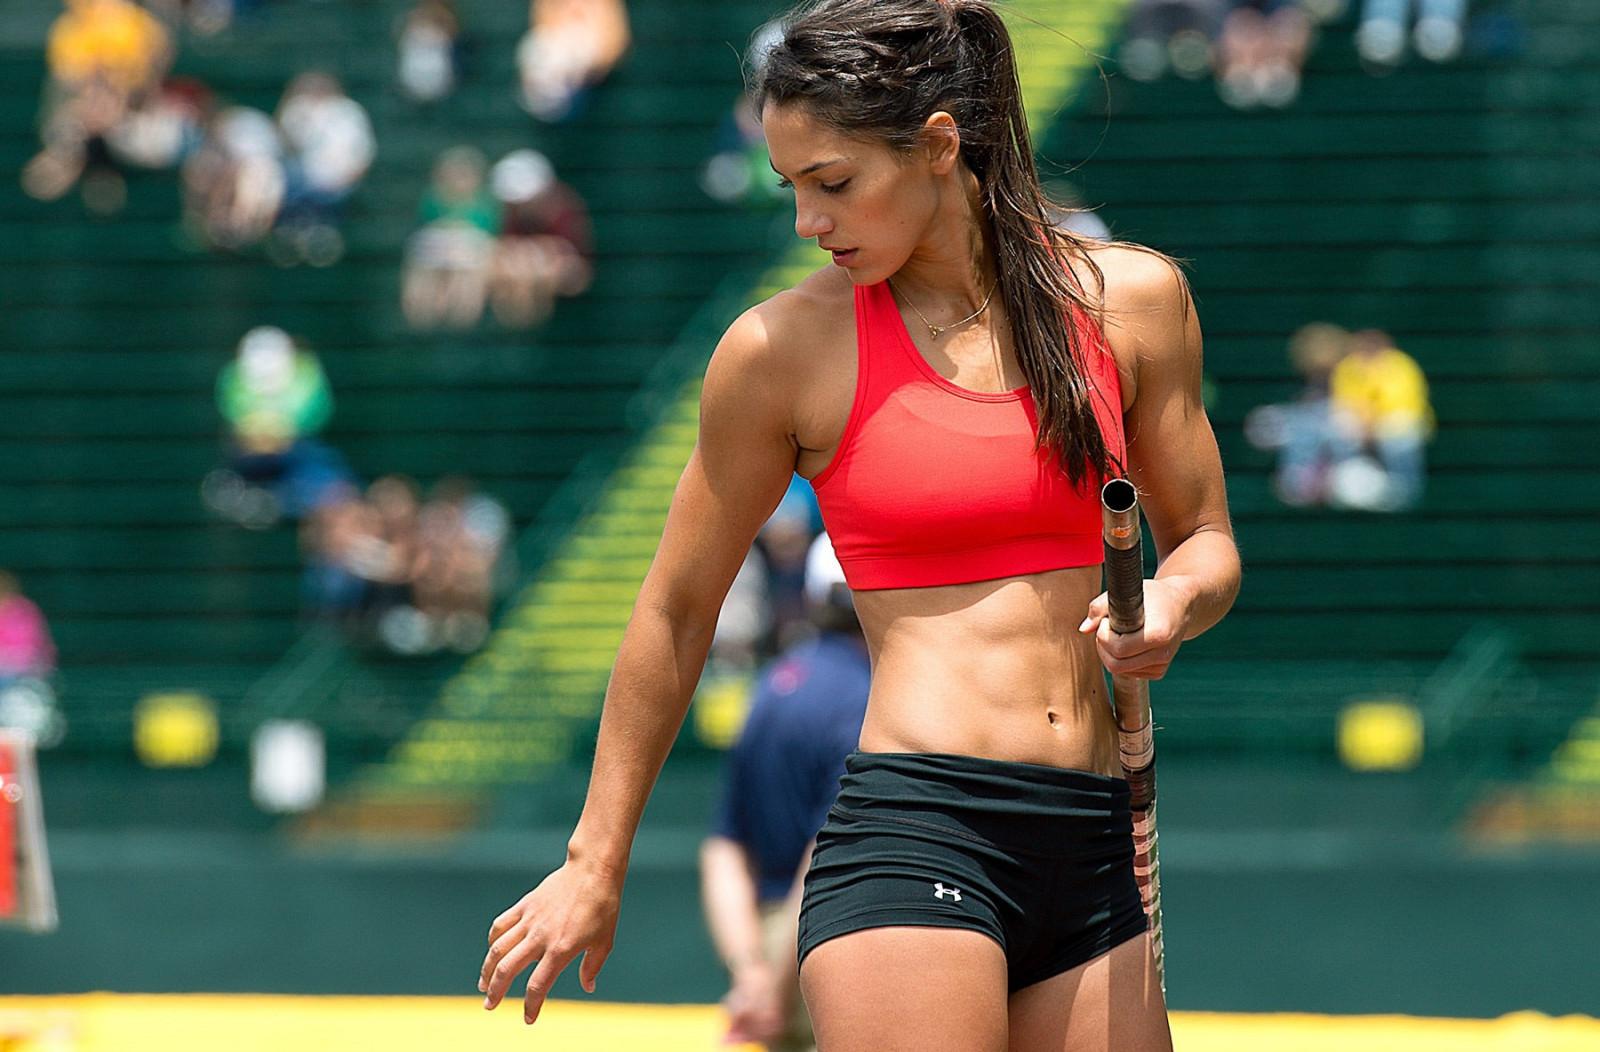 Торт, красотки женщины легкая атлетика картинки фото